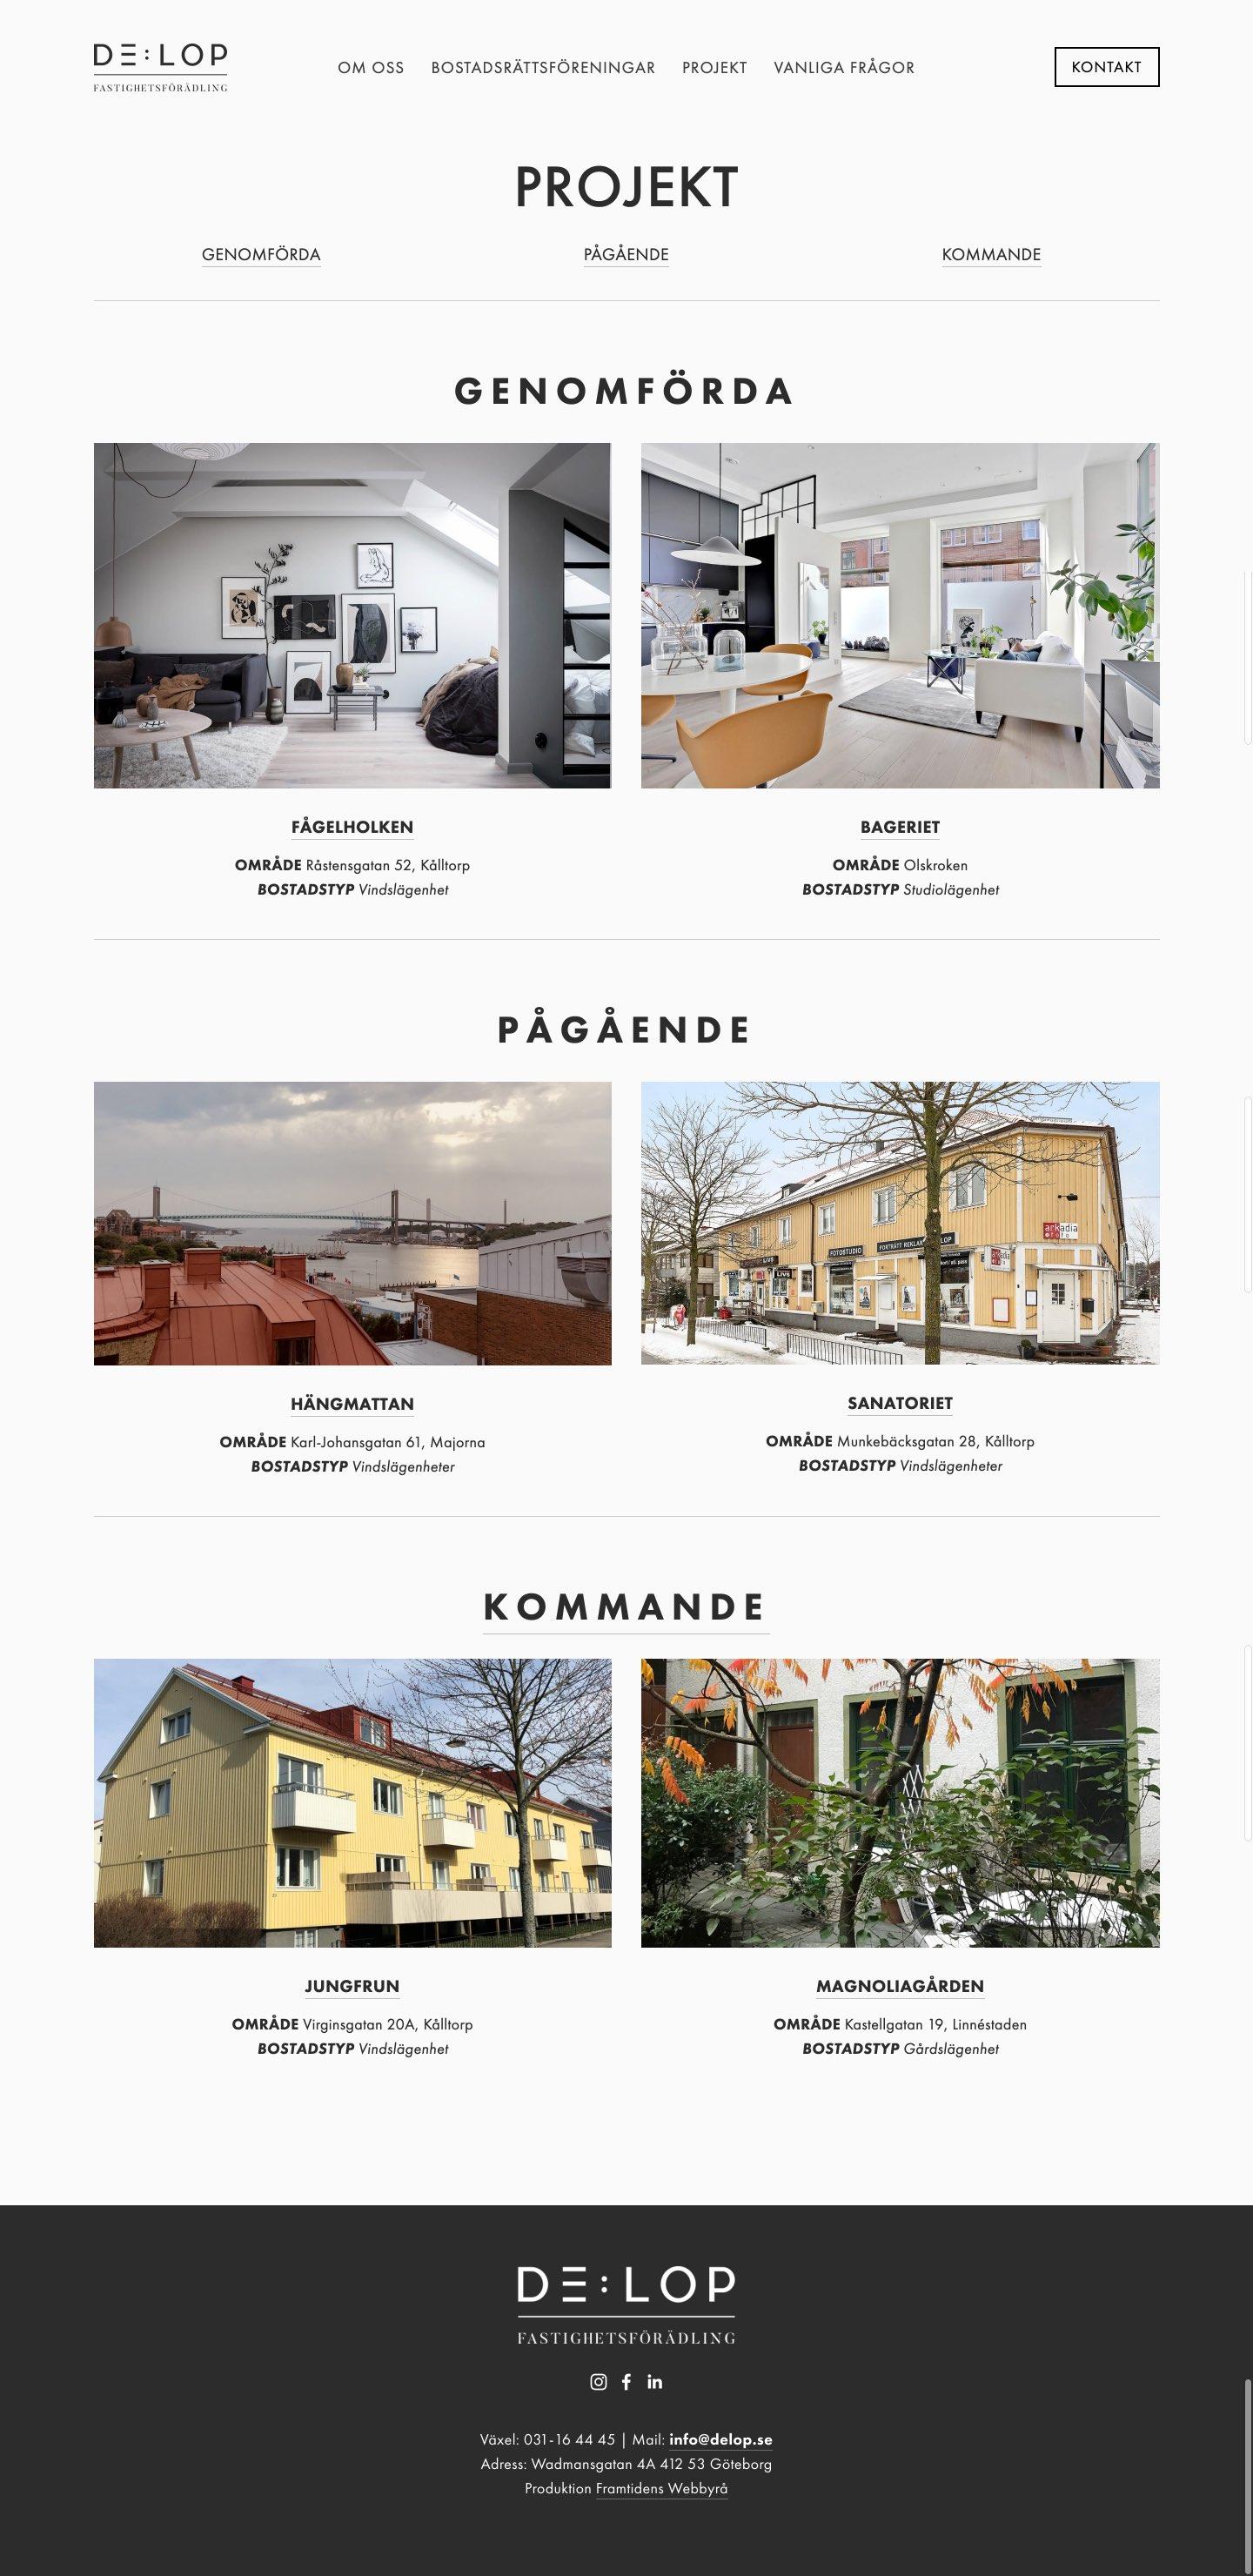 framtidens-webbyrå-hemsida-uppdrag-delop-fastighetsförädling-3.jpg